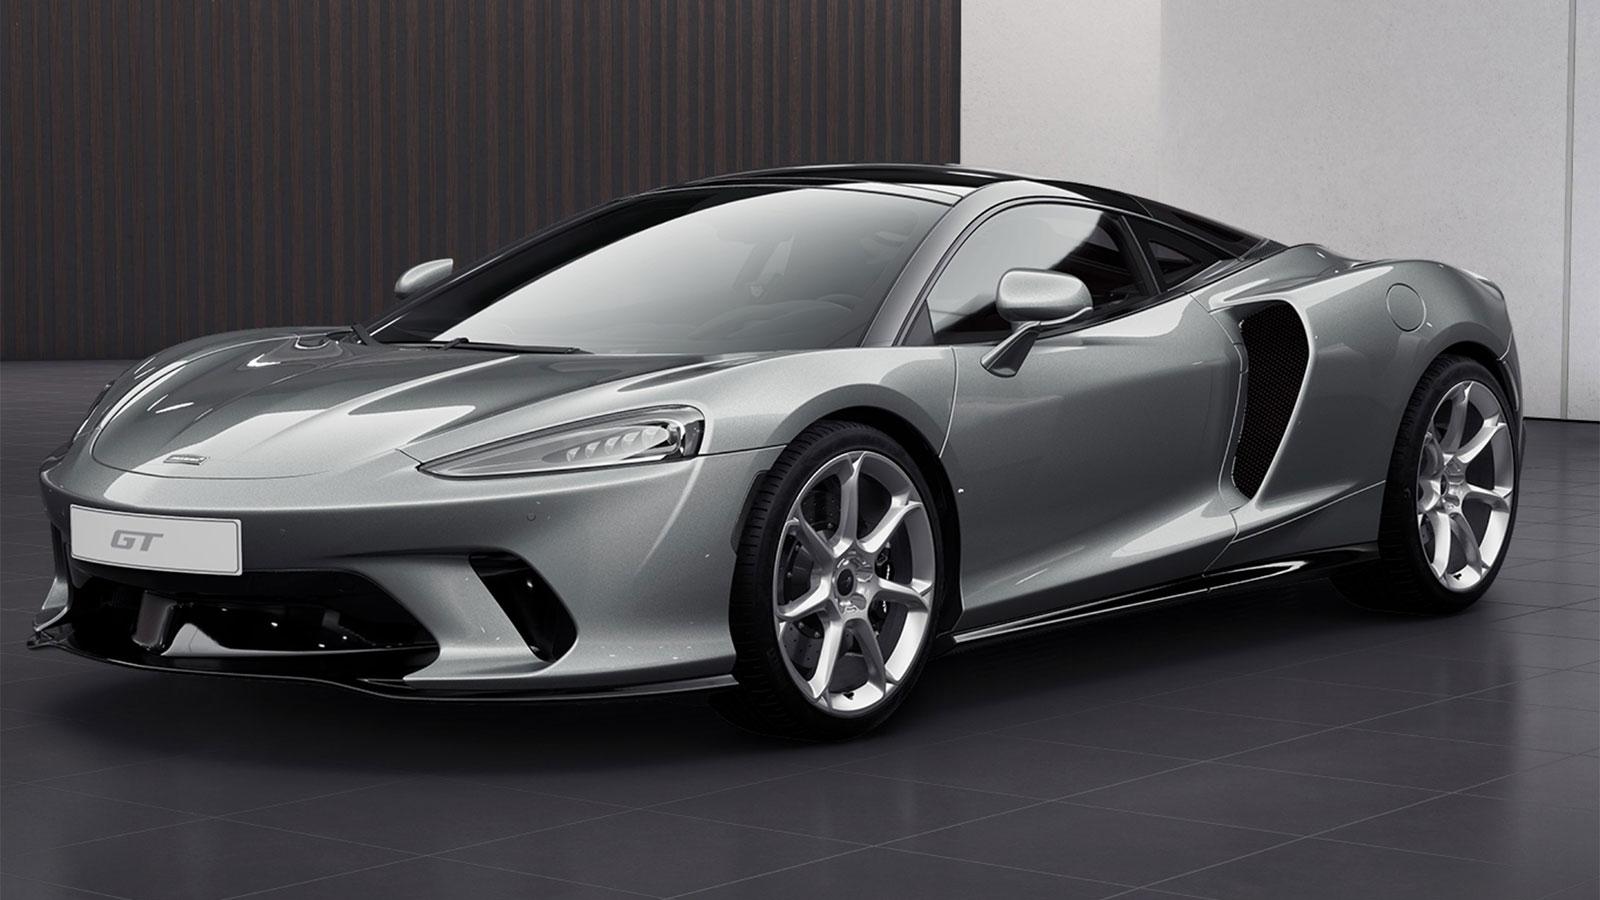 McLaren GT Coupe V8 Ssg Auto